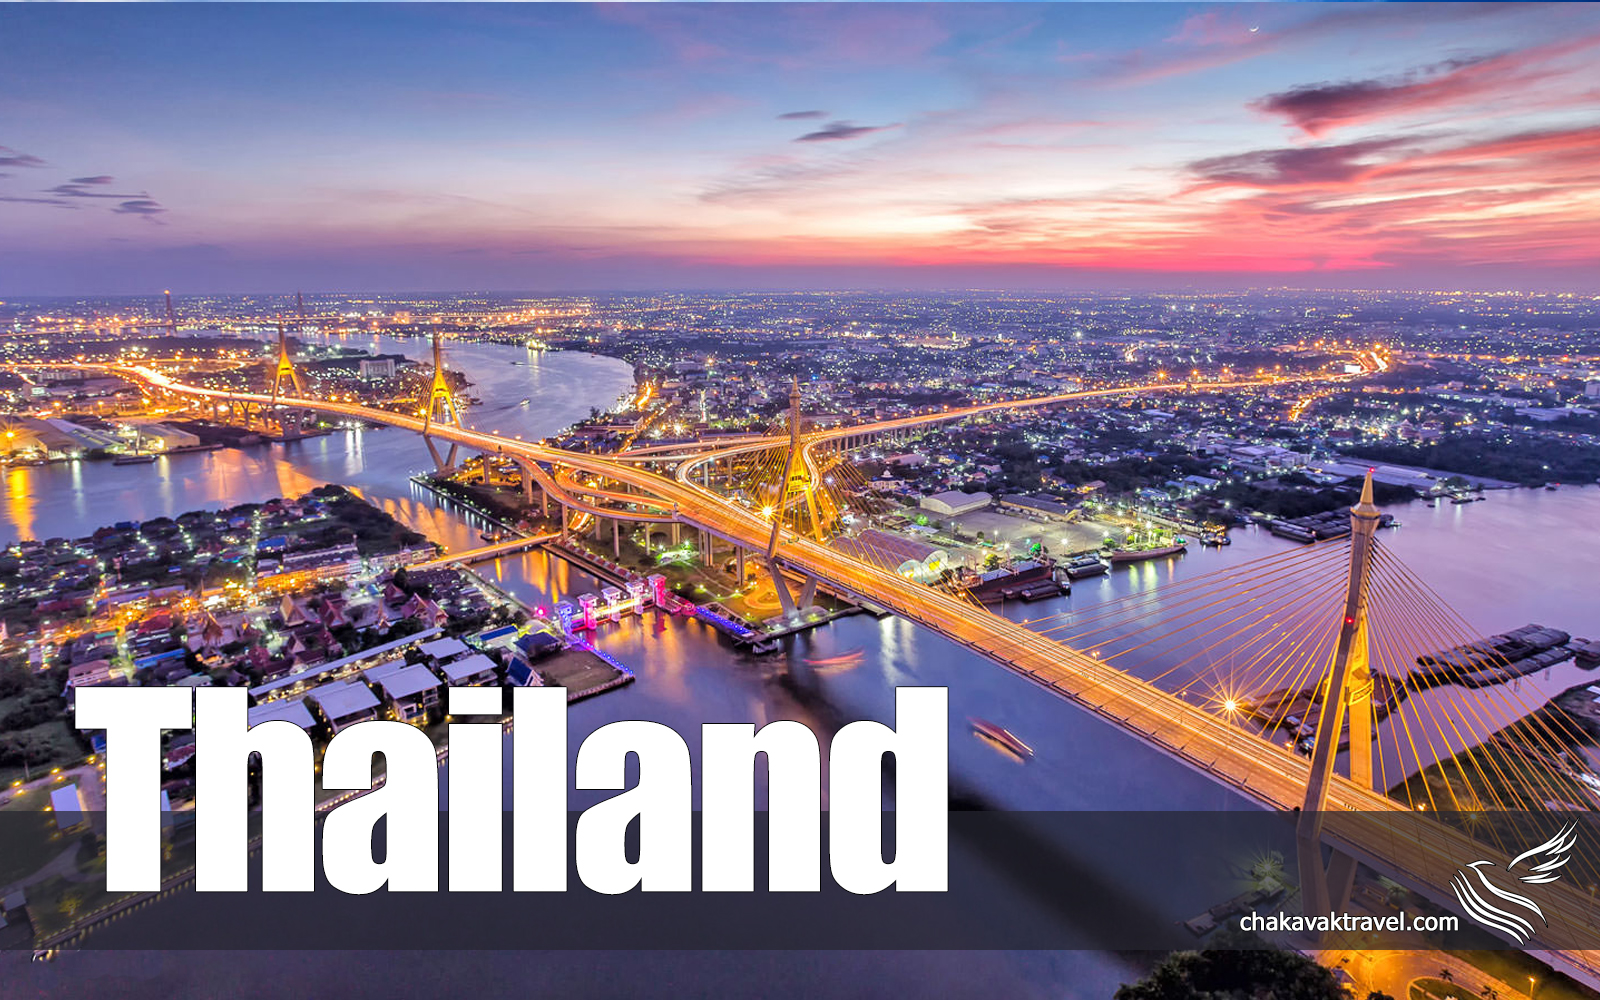 شهرهای تایلند سفر به تایلند تور تایلند کشور تایلند مسافرت با تور تایلند